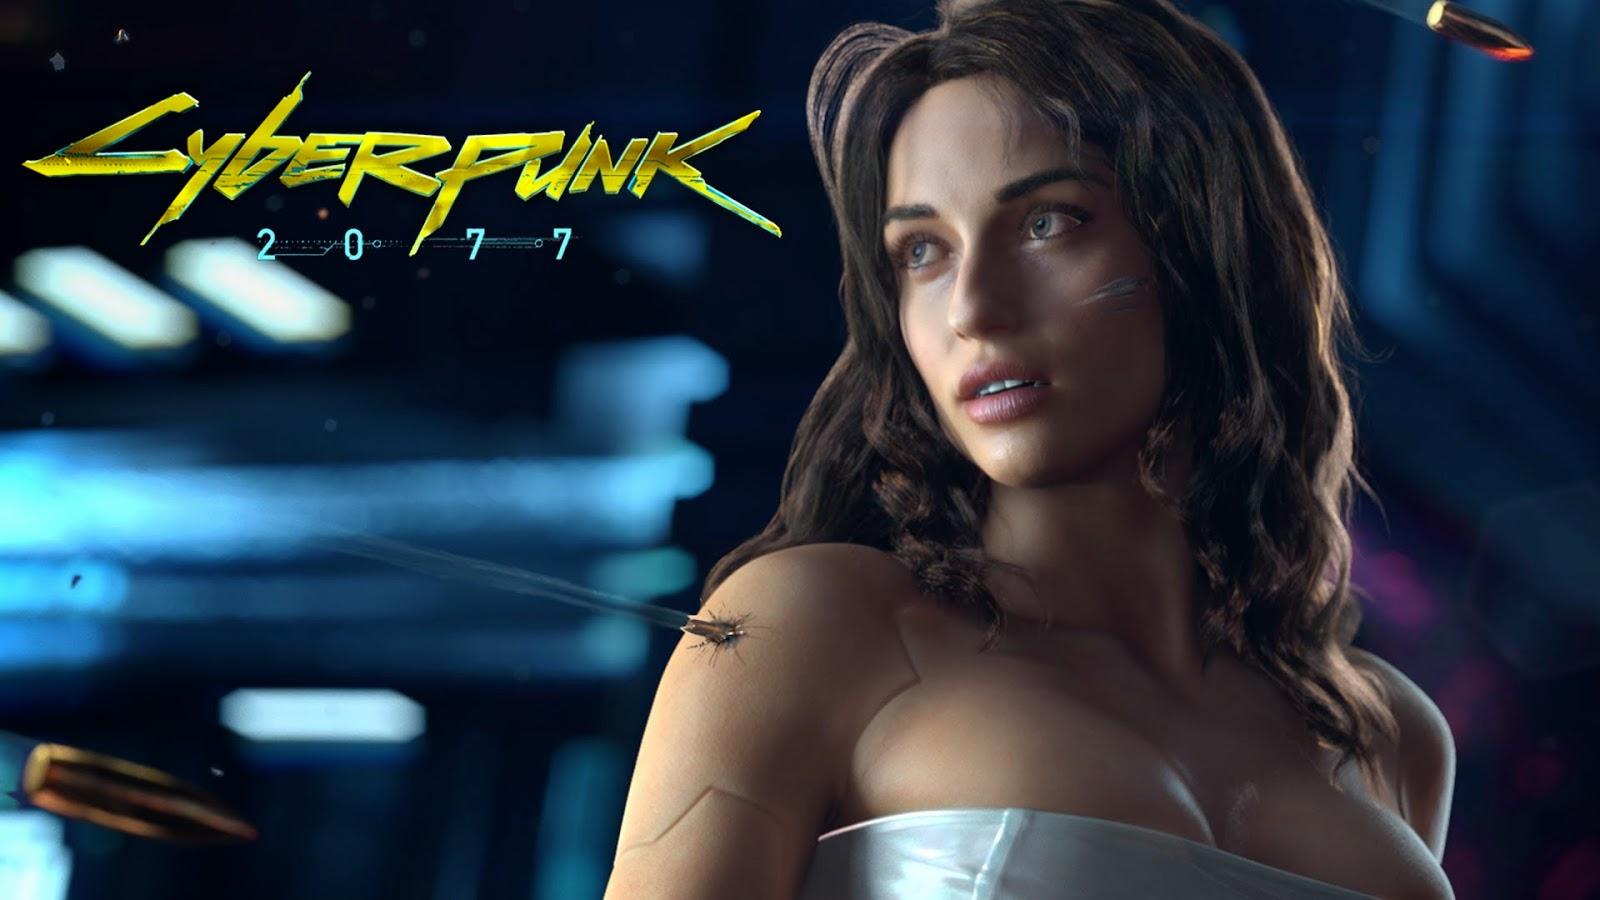 Релиз игры Cyberpunk 2077 запланирован на осень 2015 года